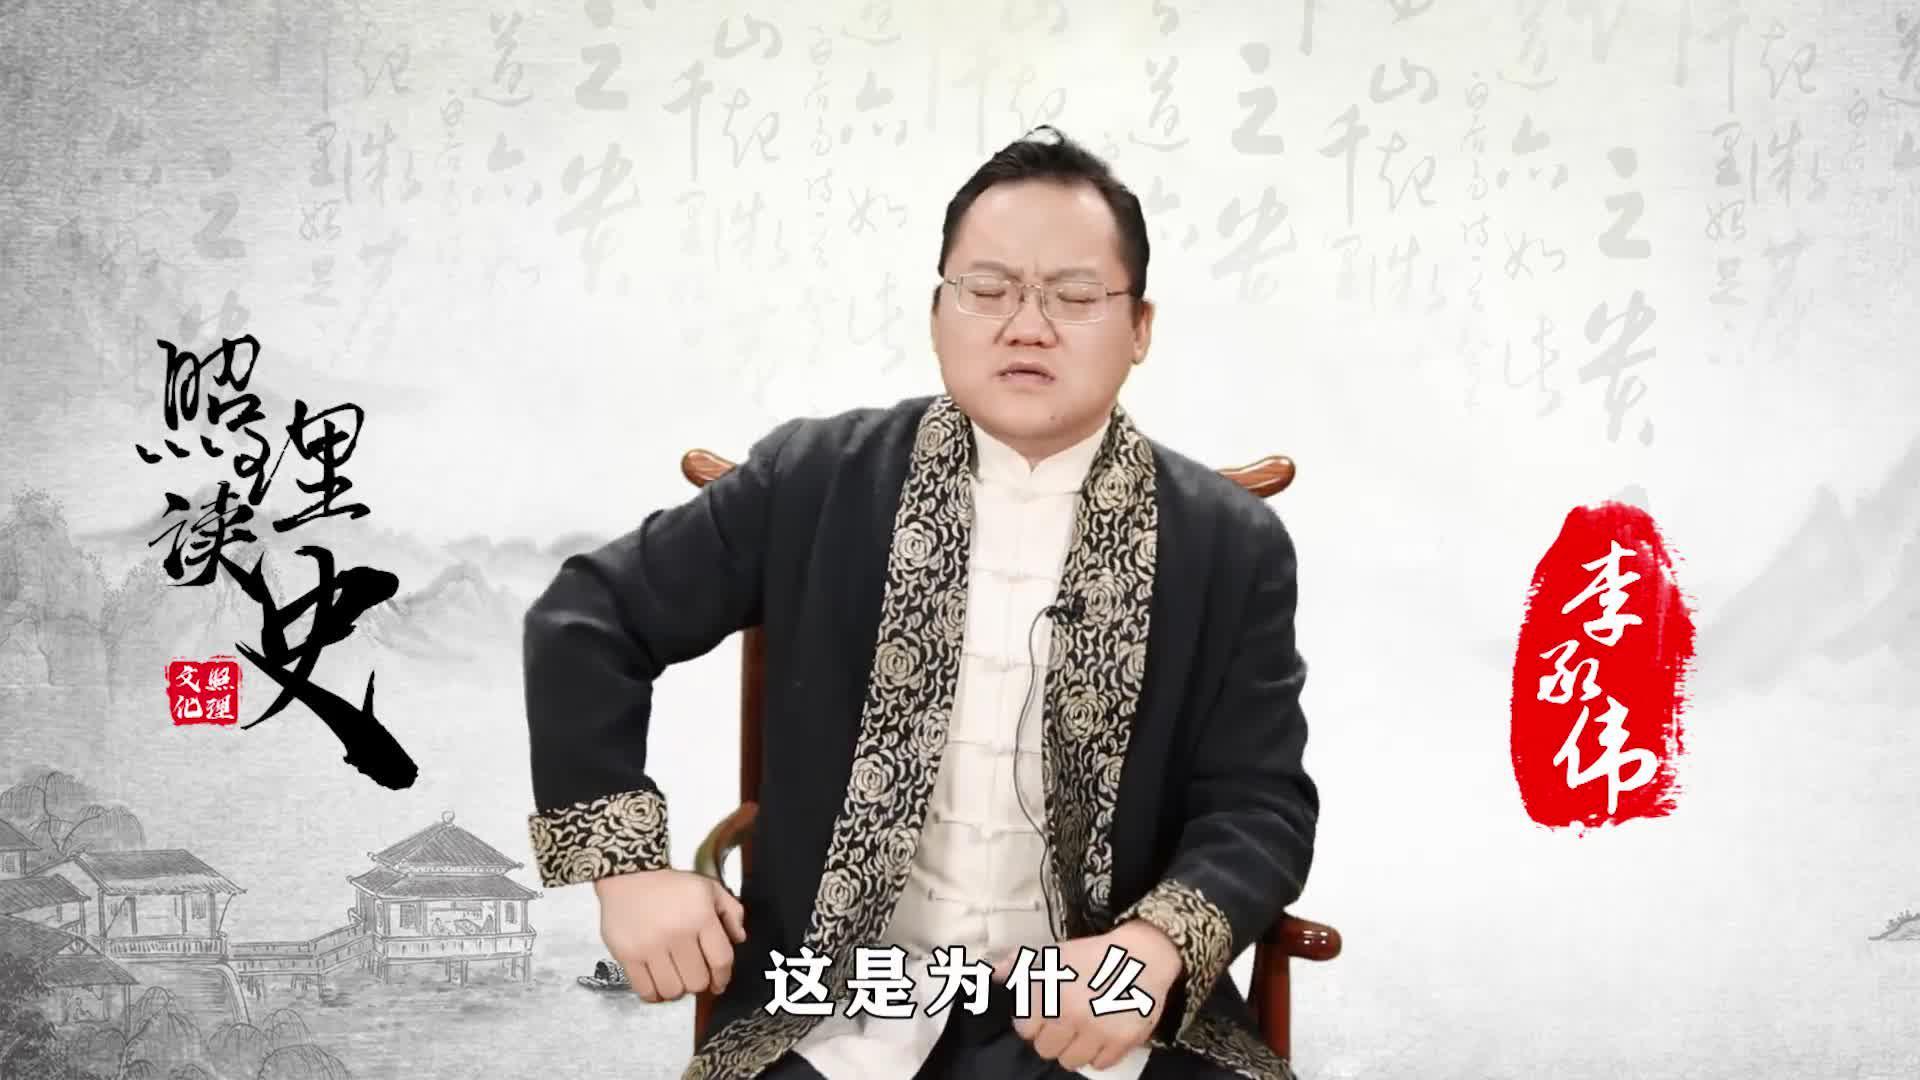 视频 上世纪新加坡总理李光耀打压汉语推广英语,现如今新加坡后悔不已